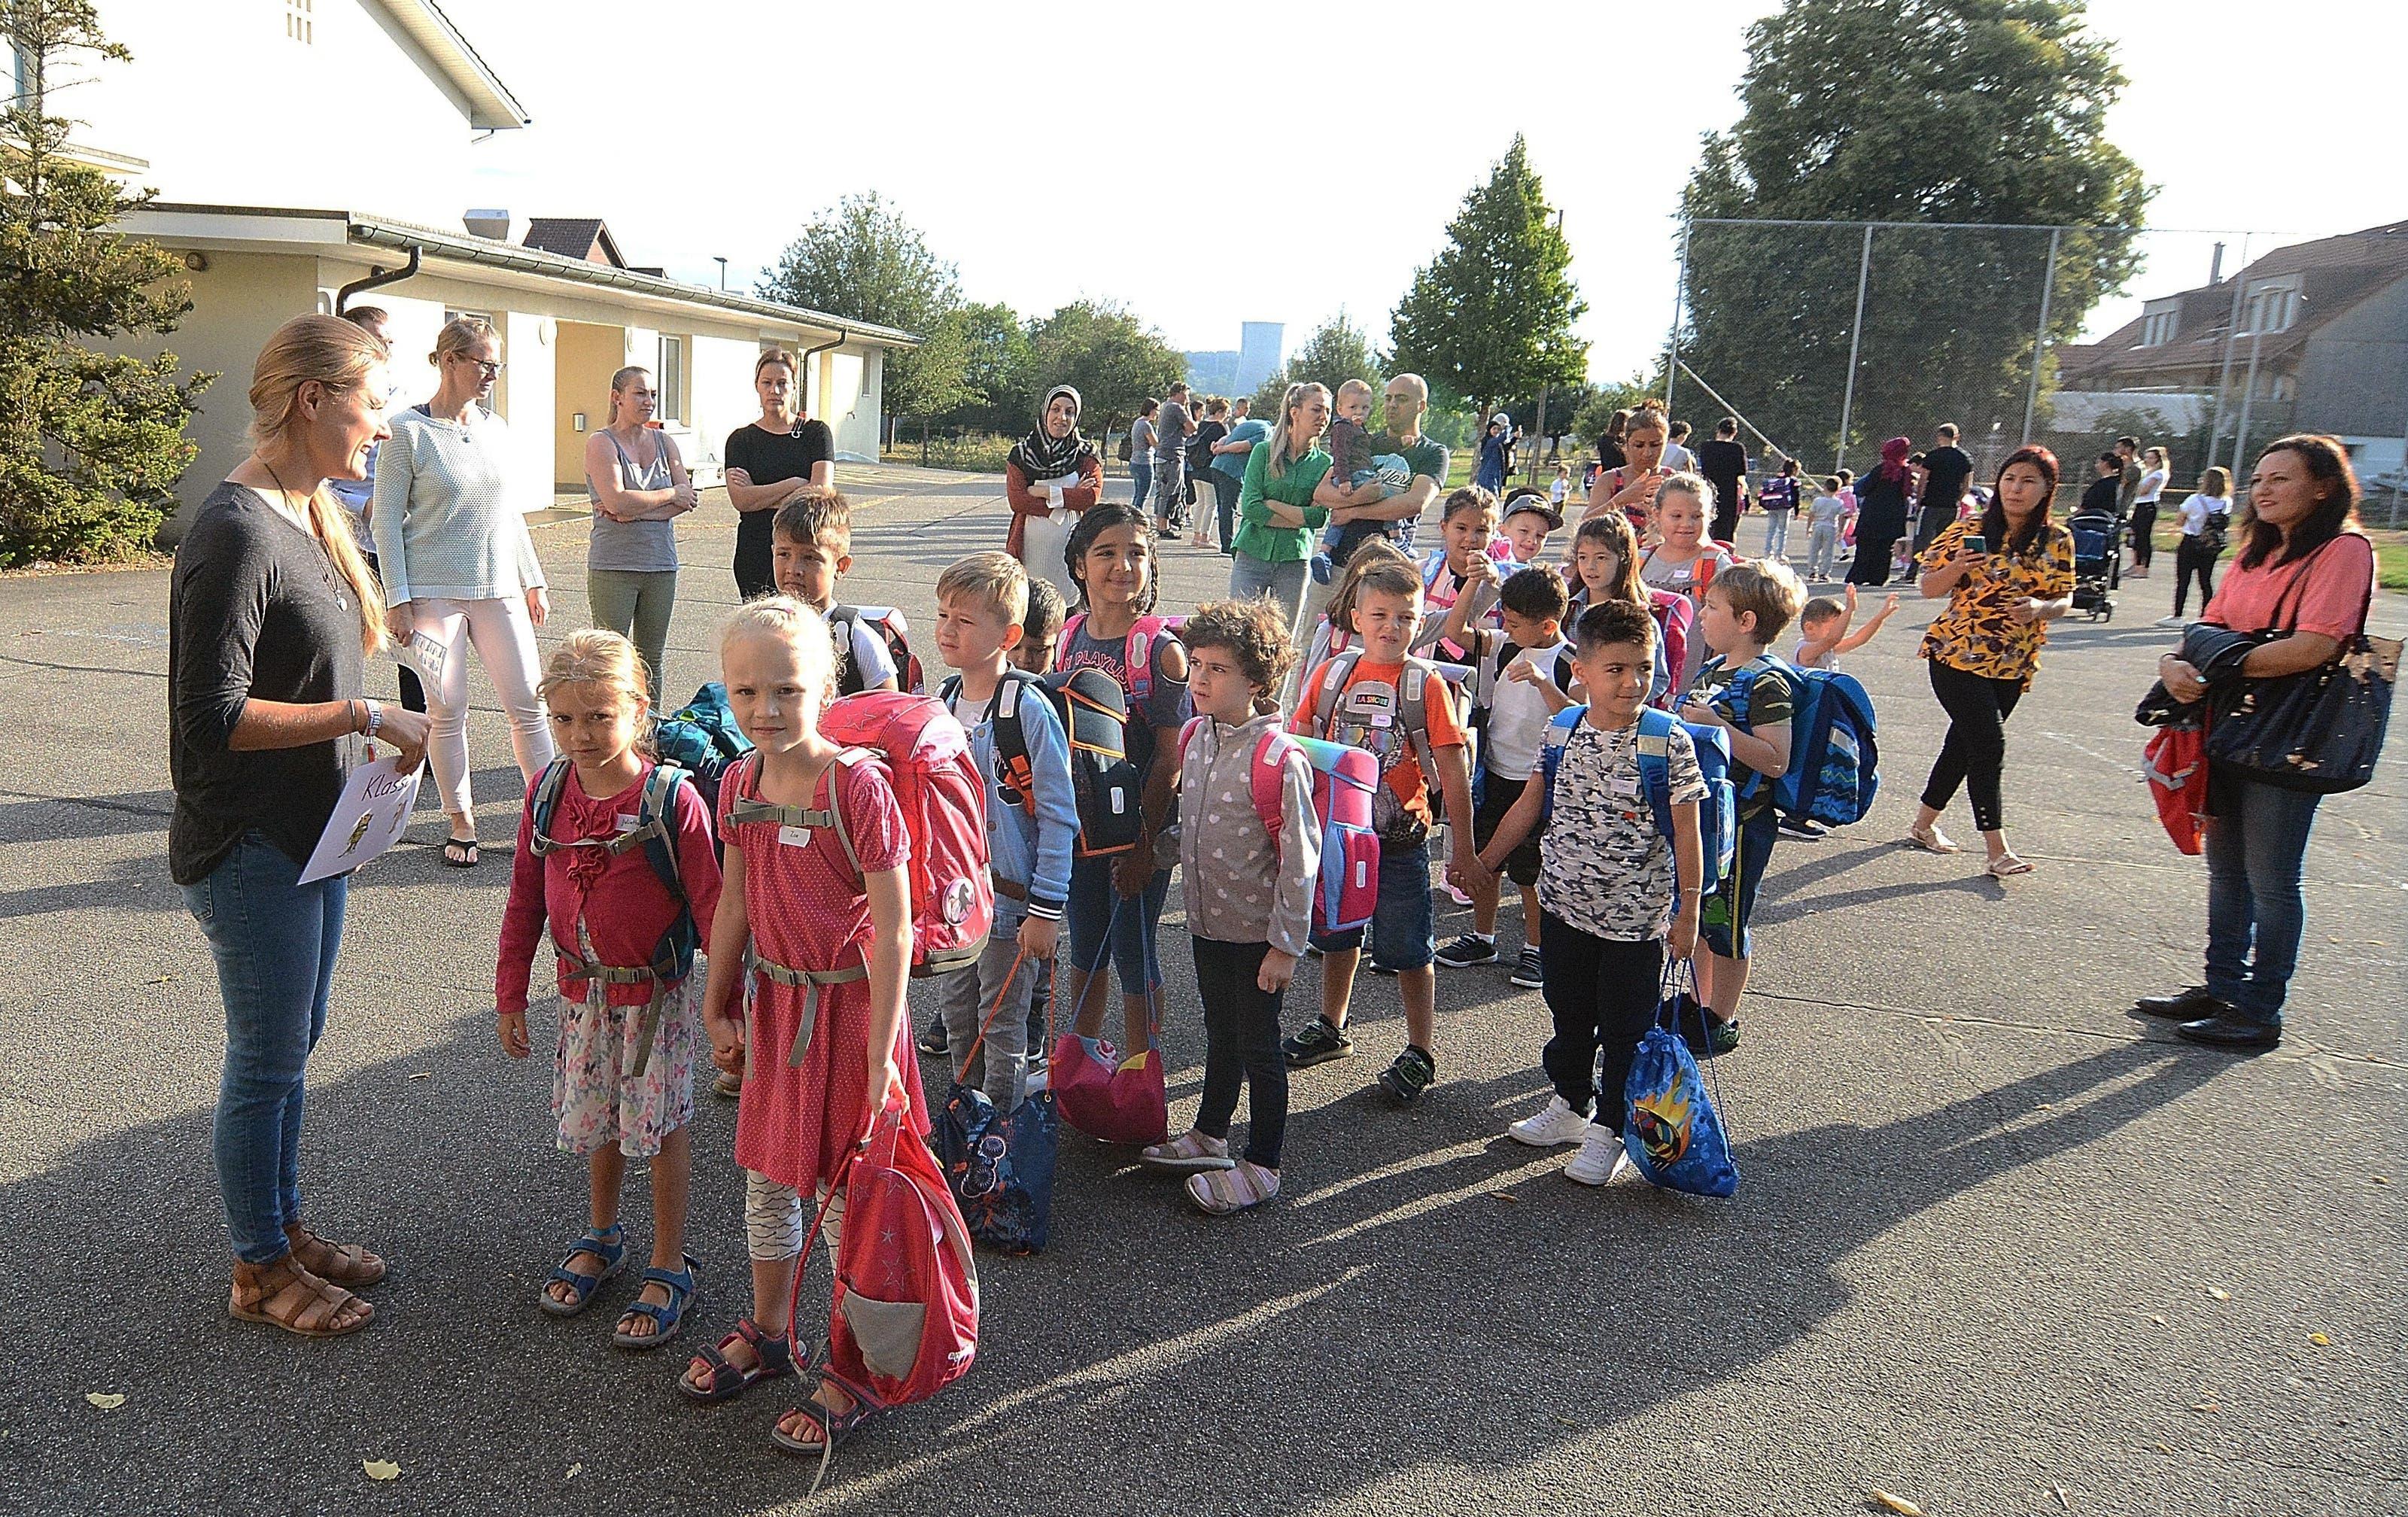 Schulanfang in Dulliken. Primarschullehrerin Stefanie Strebel empfängt ihre erste Klasse vor dem Alten Schulhaus.